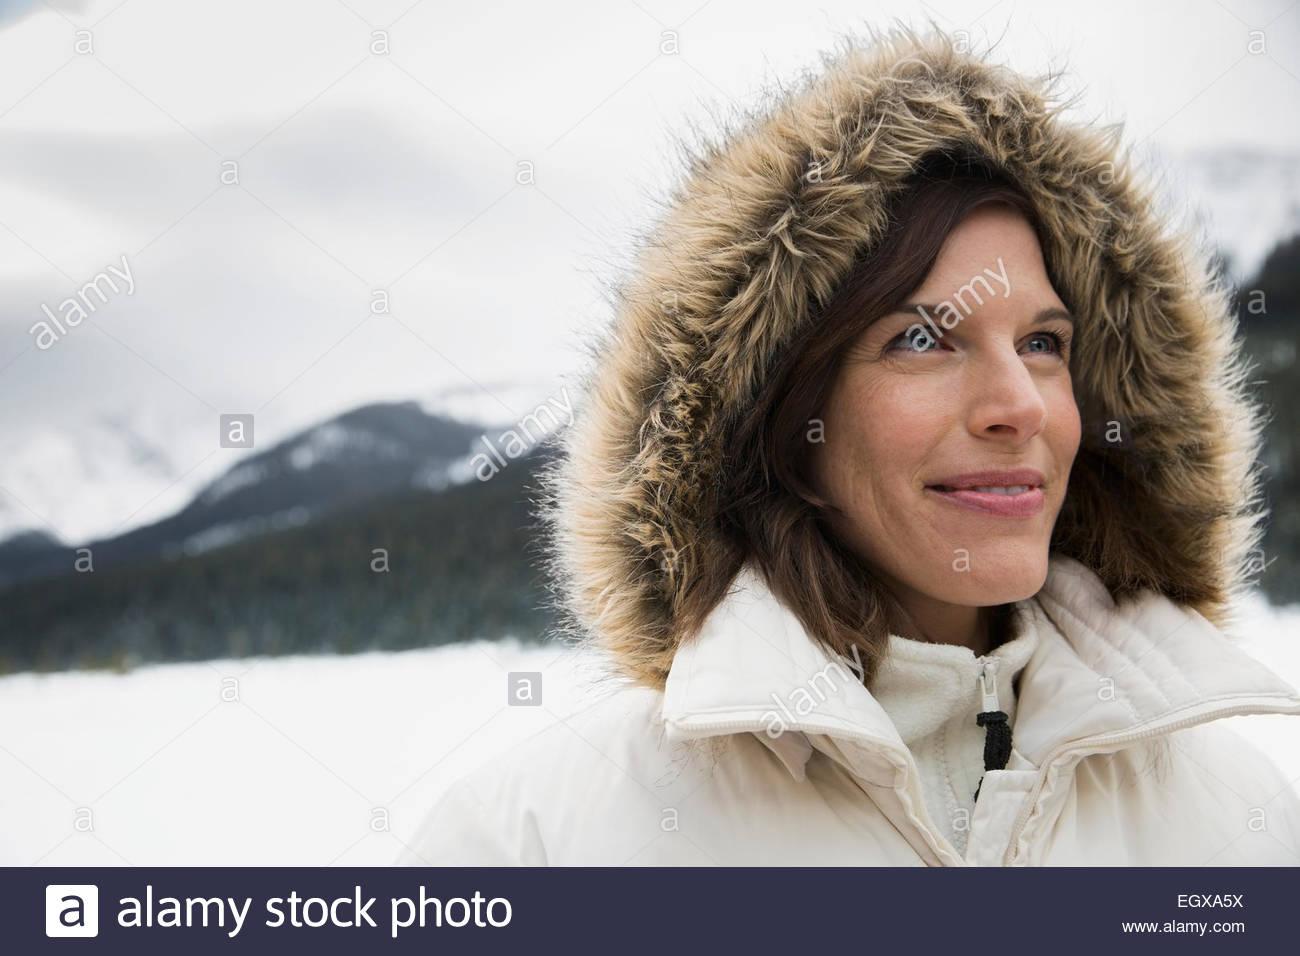 Smiling woman in fur hood in snowy field Photo Stock